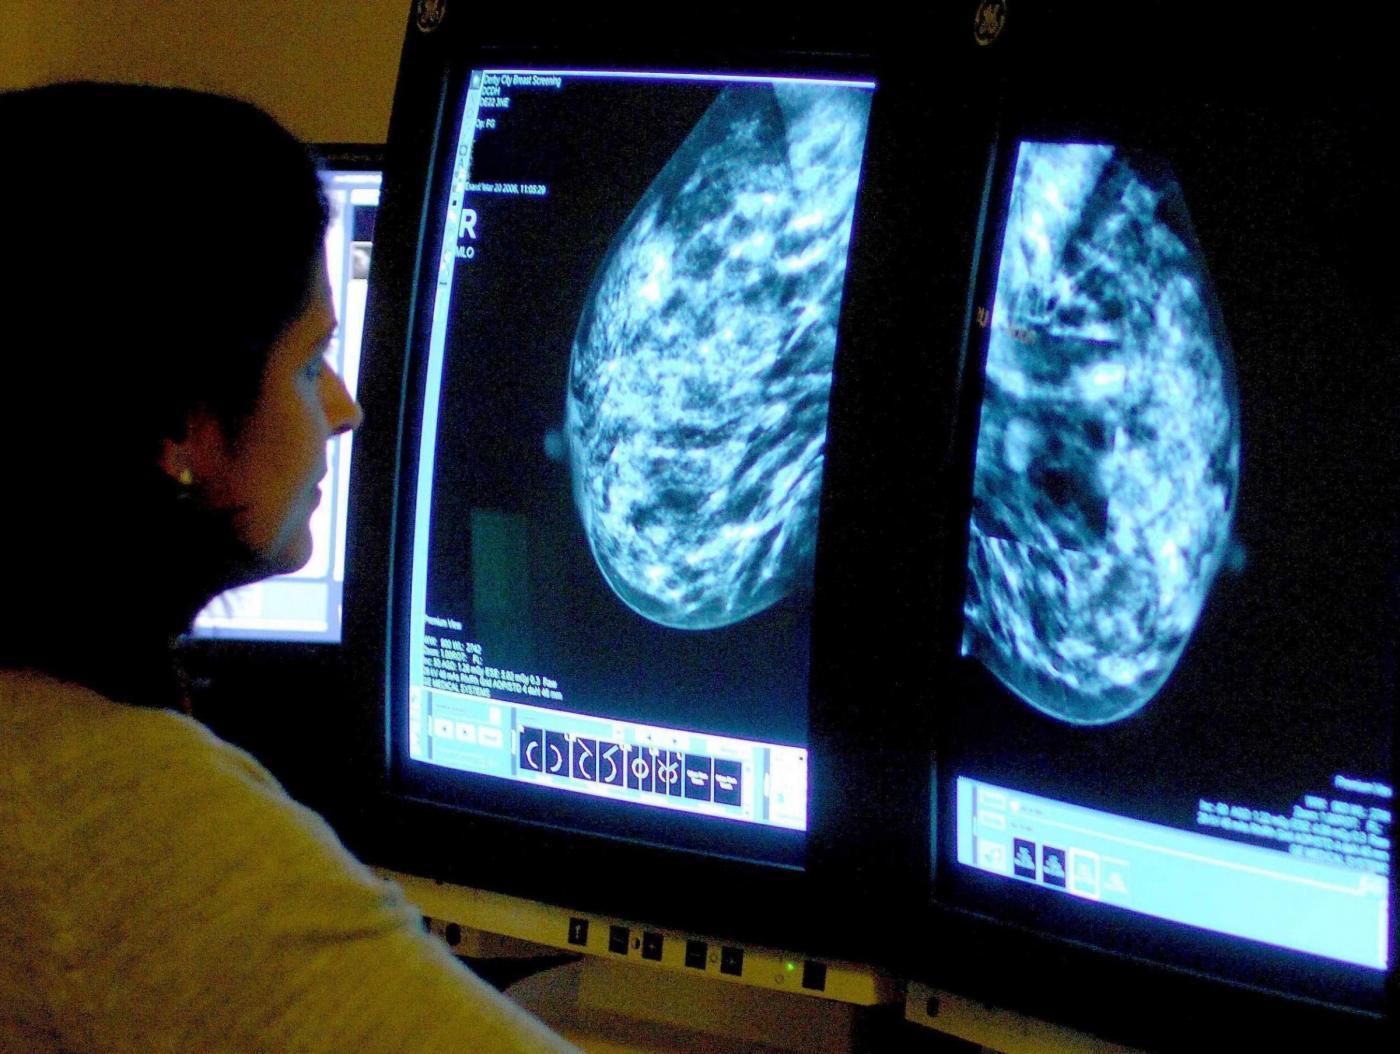 Visite al seno gratis e screening per la prevenzione del tumore a Salerno